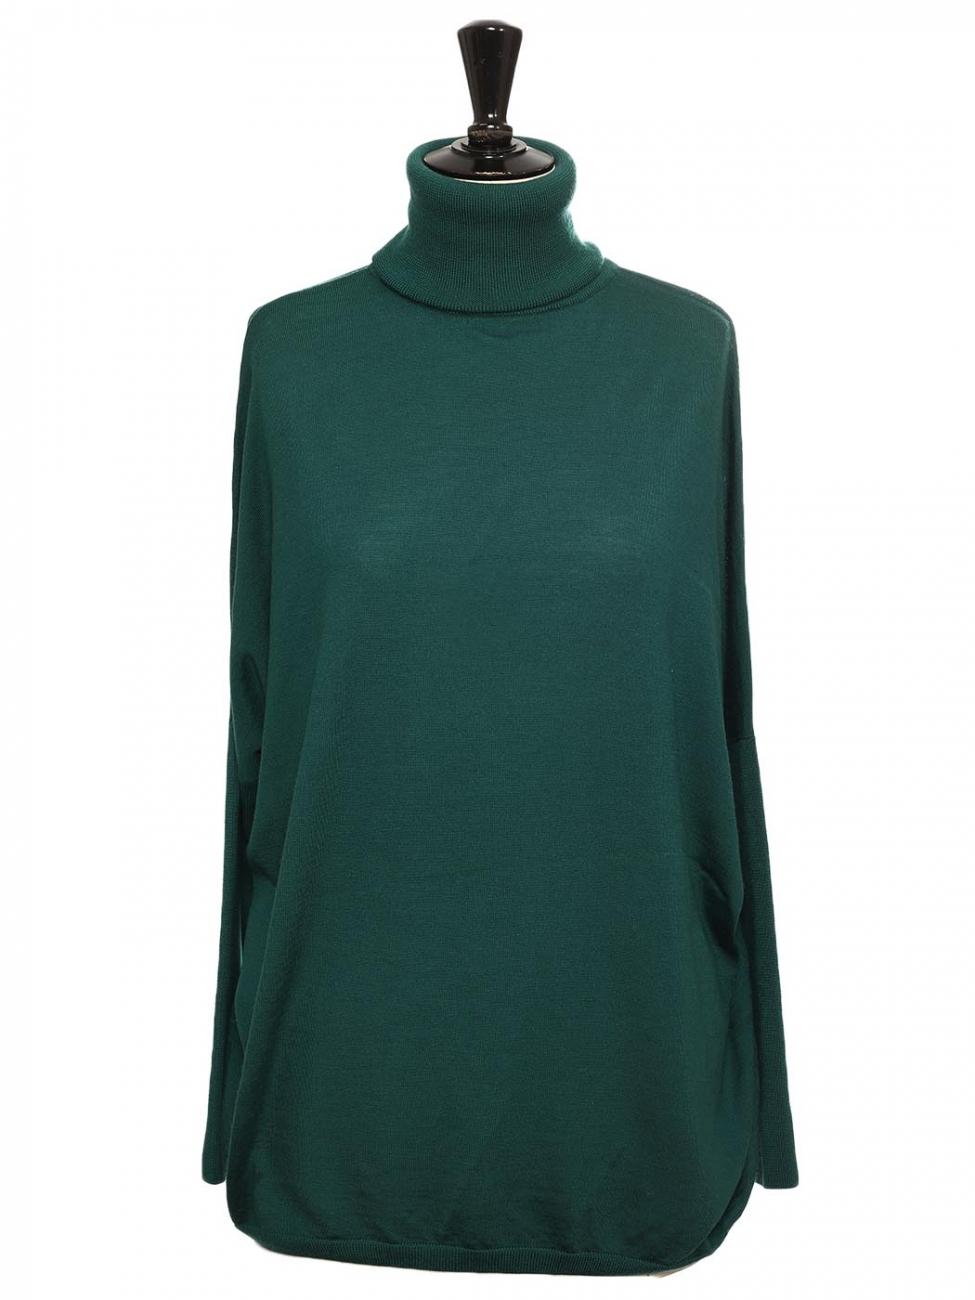 Couleur Vert Emeraude Foncé louise paris - allude cashmere pull col roulé coupe large en